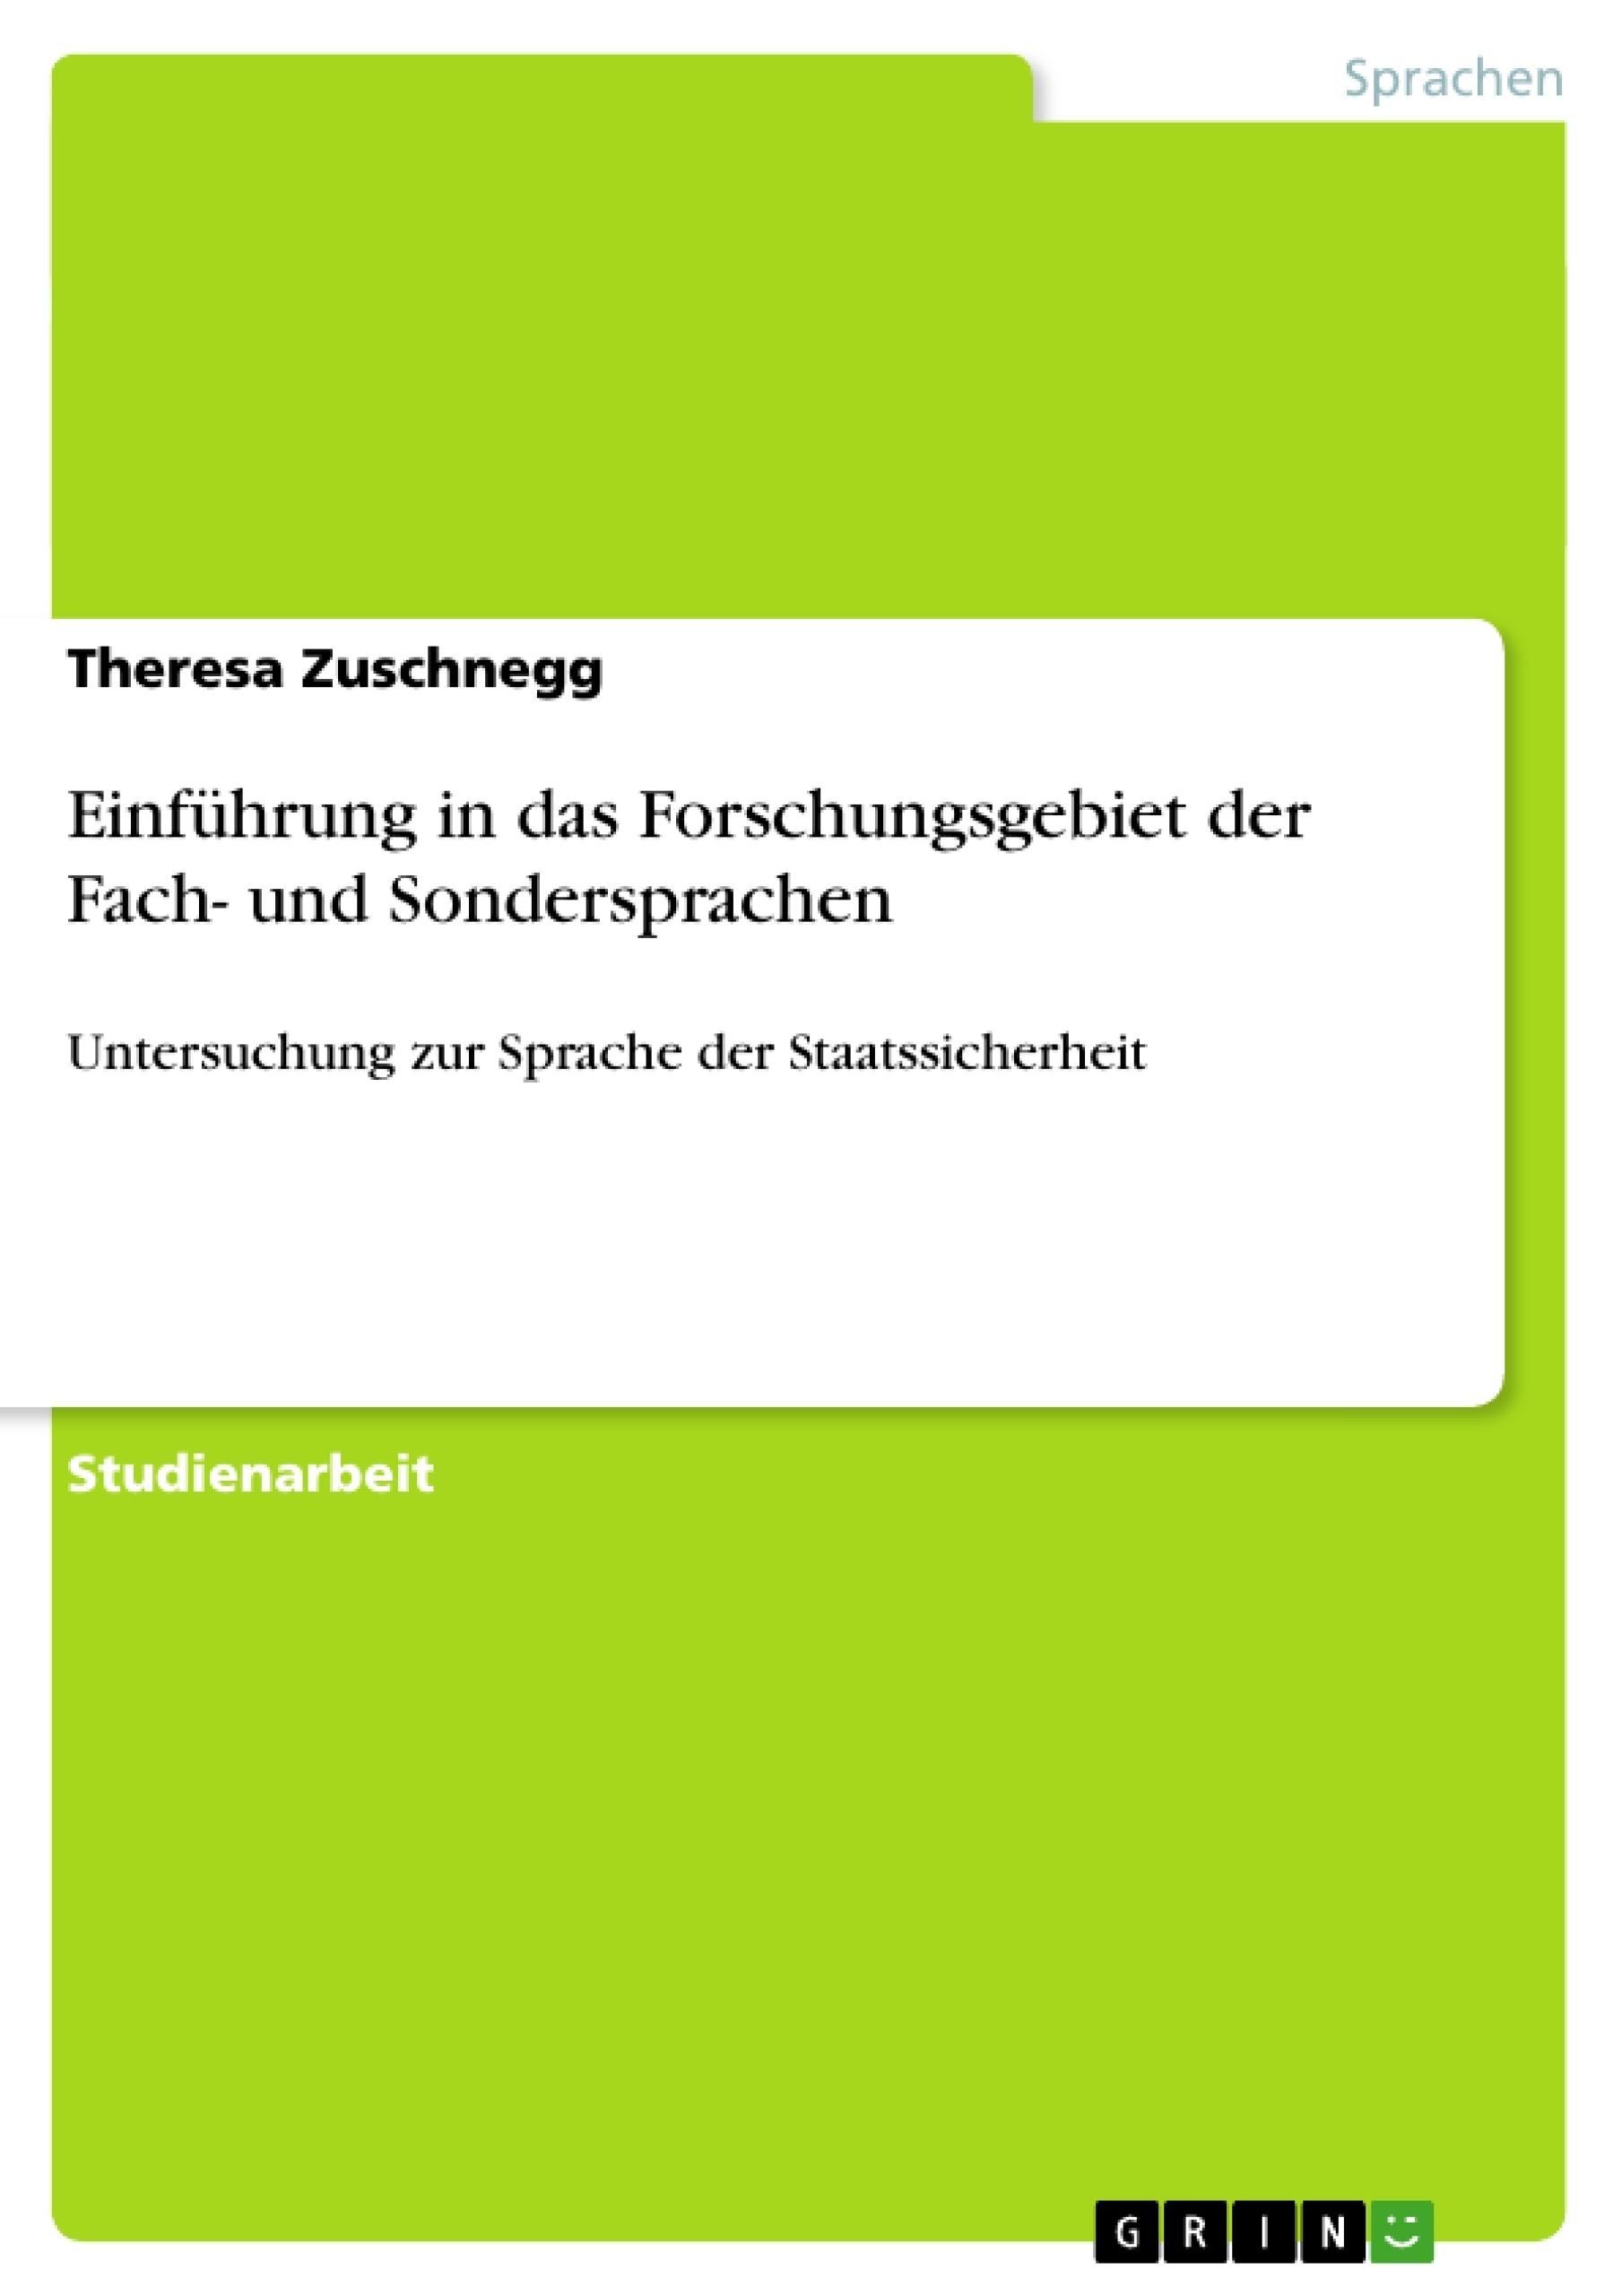 Titel: Einführung in das Forschungsgebiet der Fach- und Sondersprachen